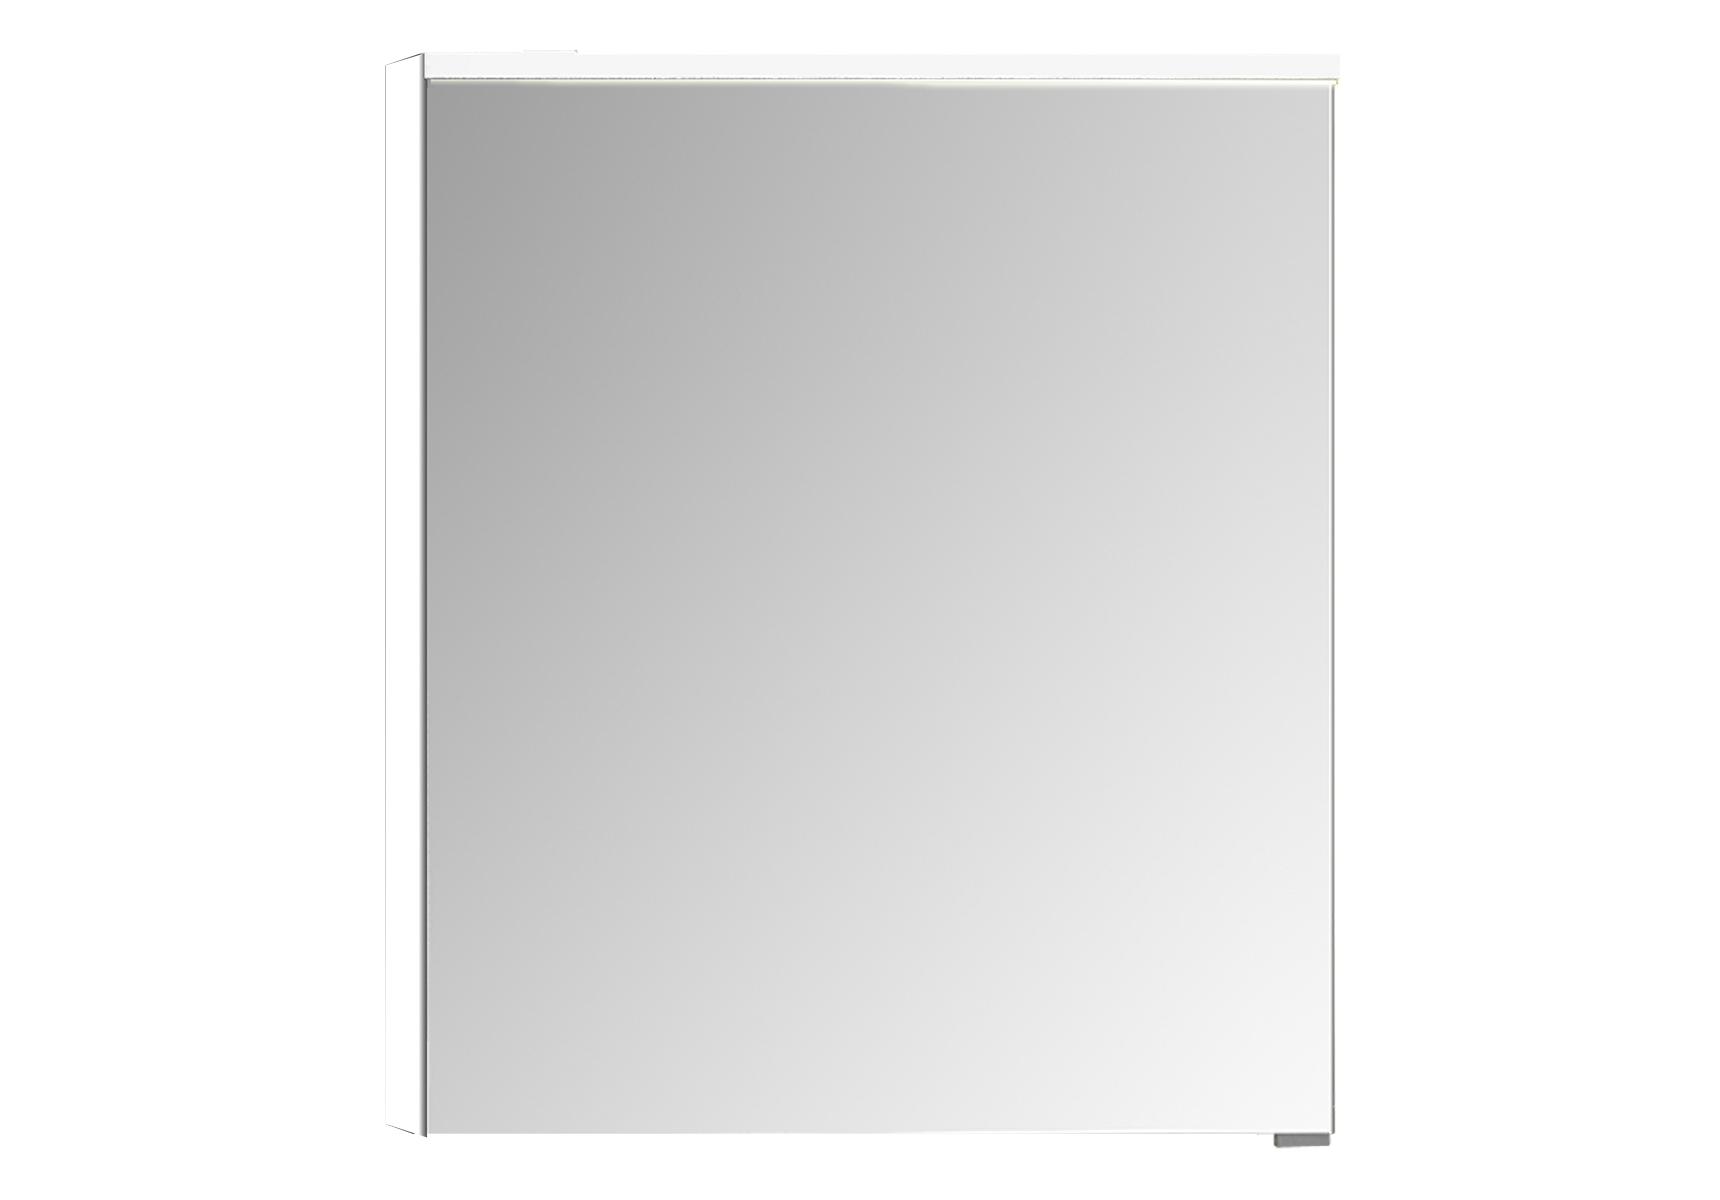 Sento Premium LED-Spiegelschrank, 60 cm, Türanschlag links, Weiß Matt